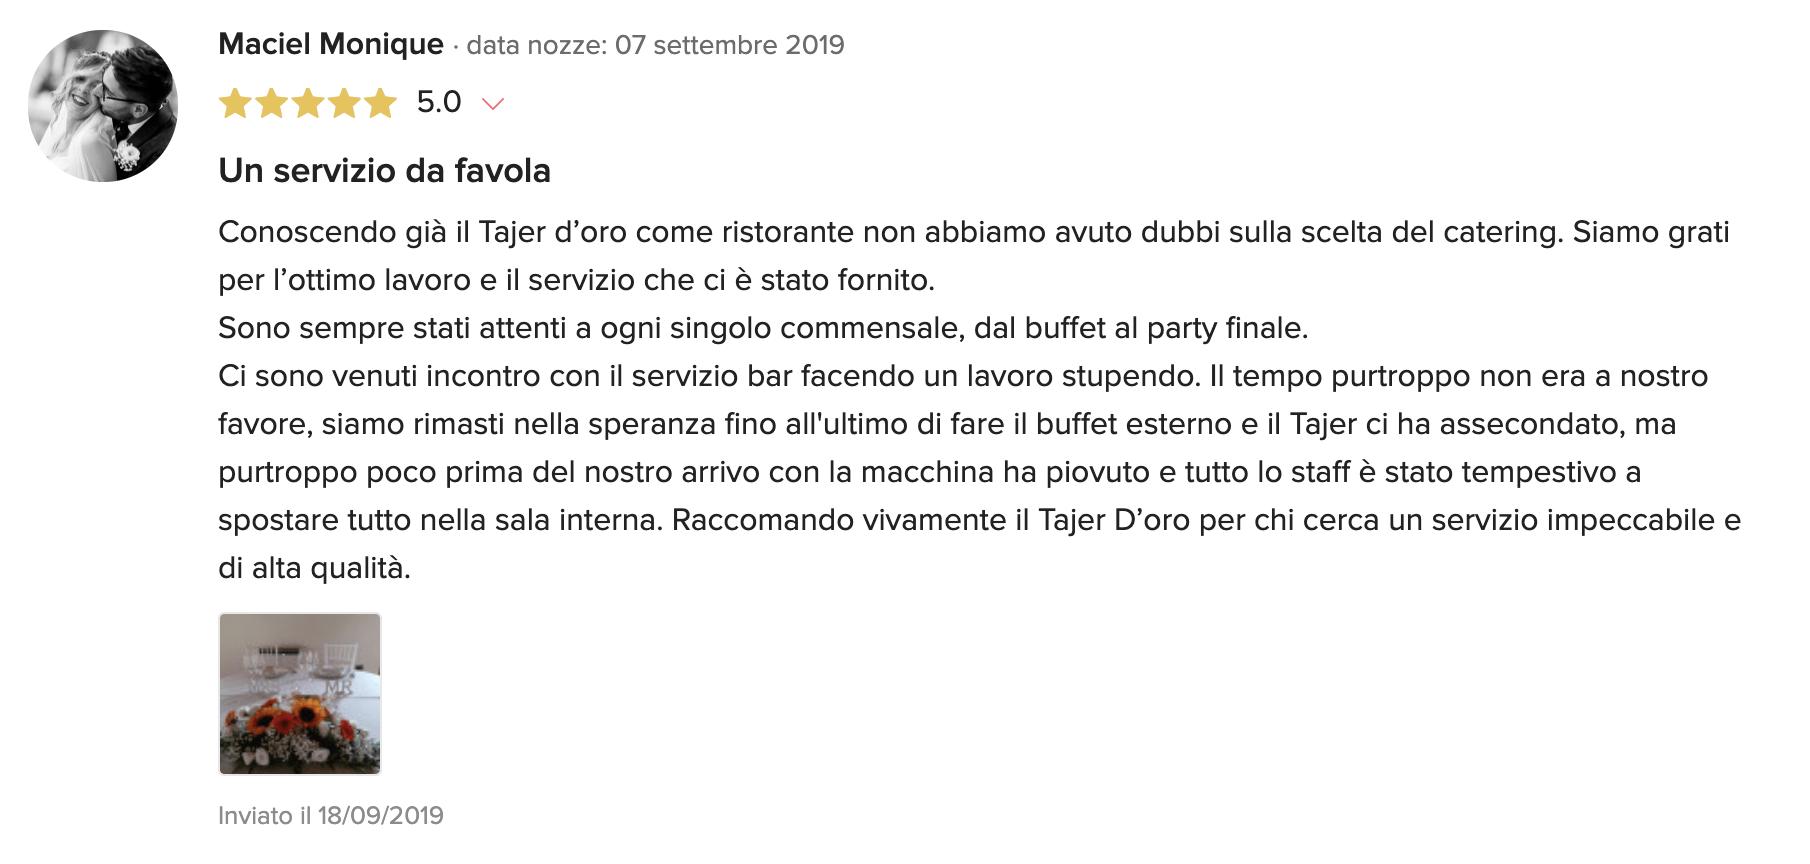 Recenzione_02